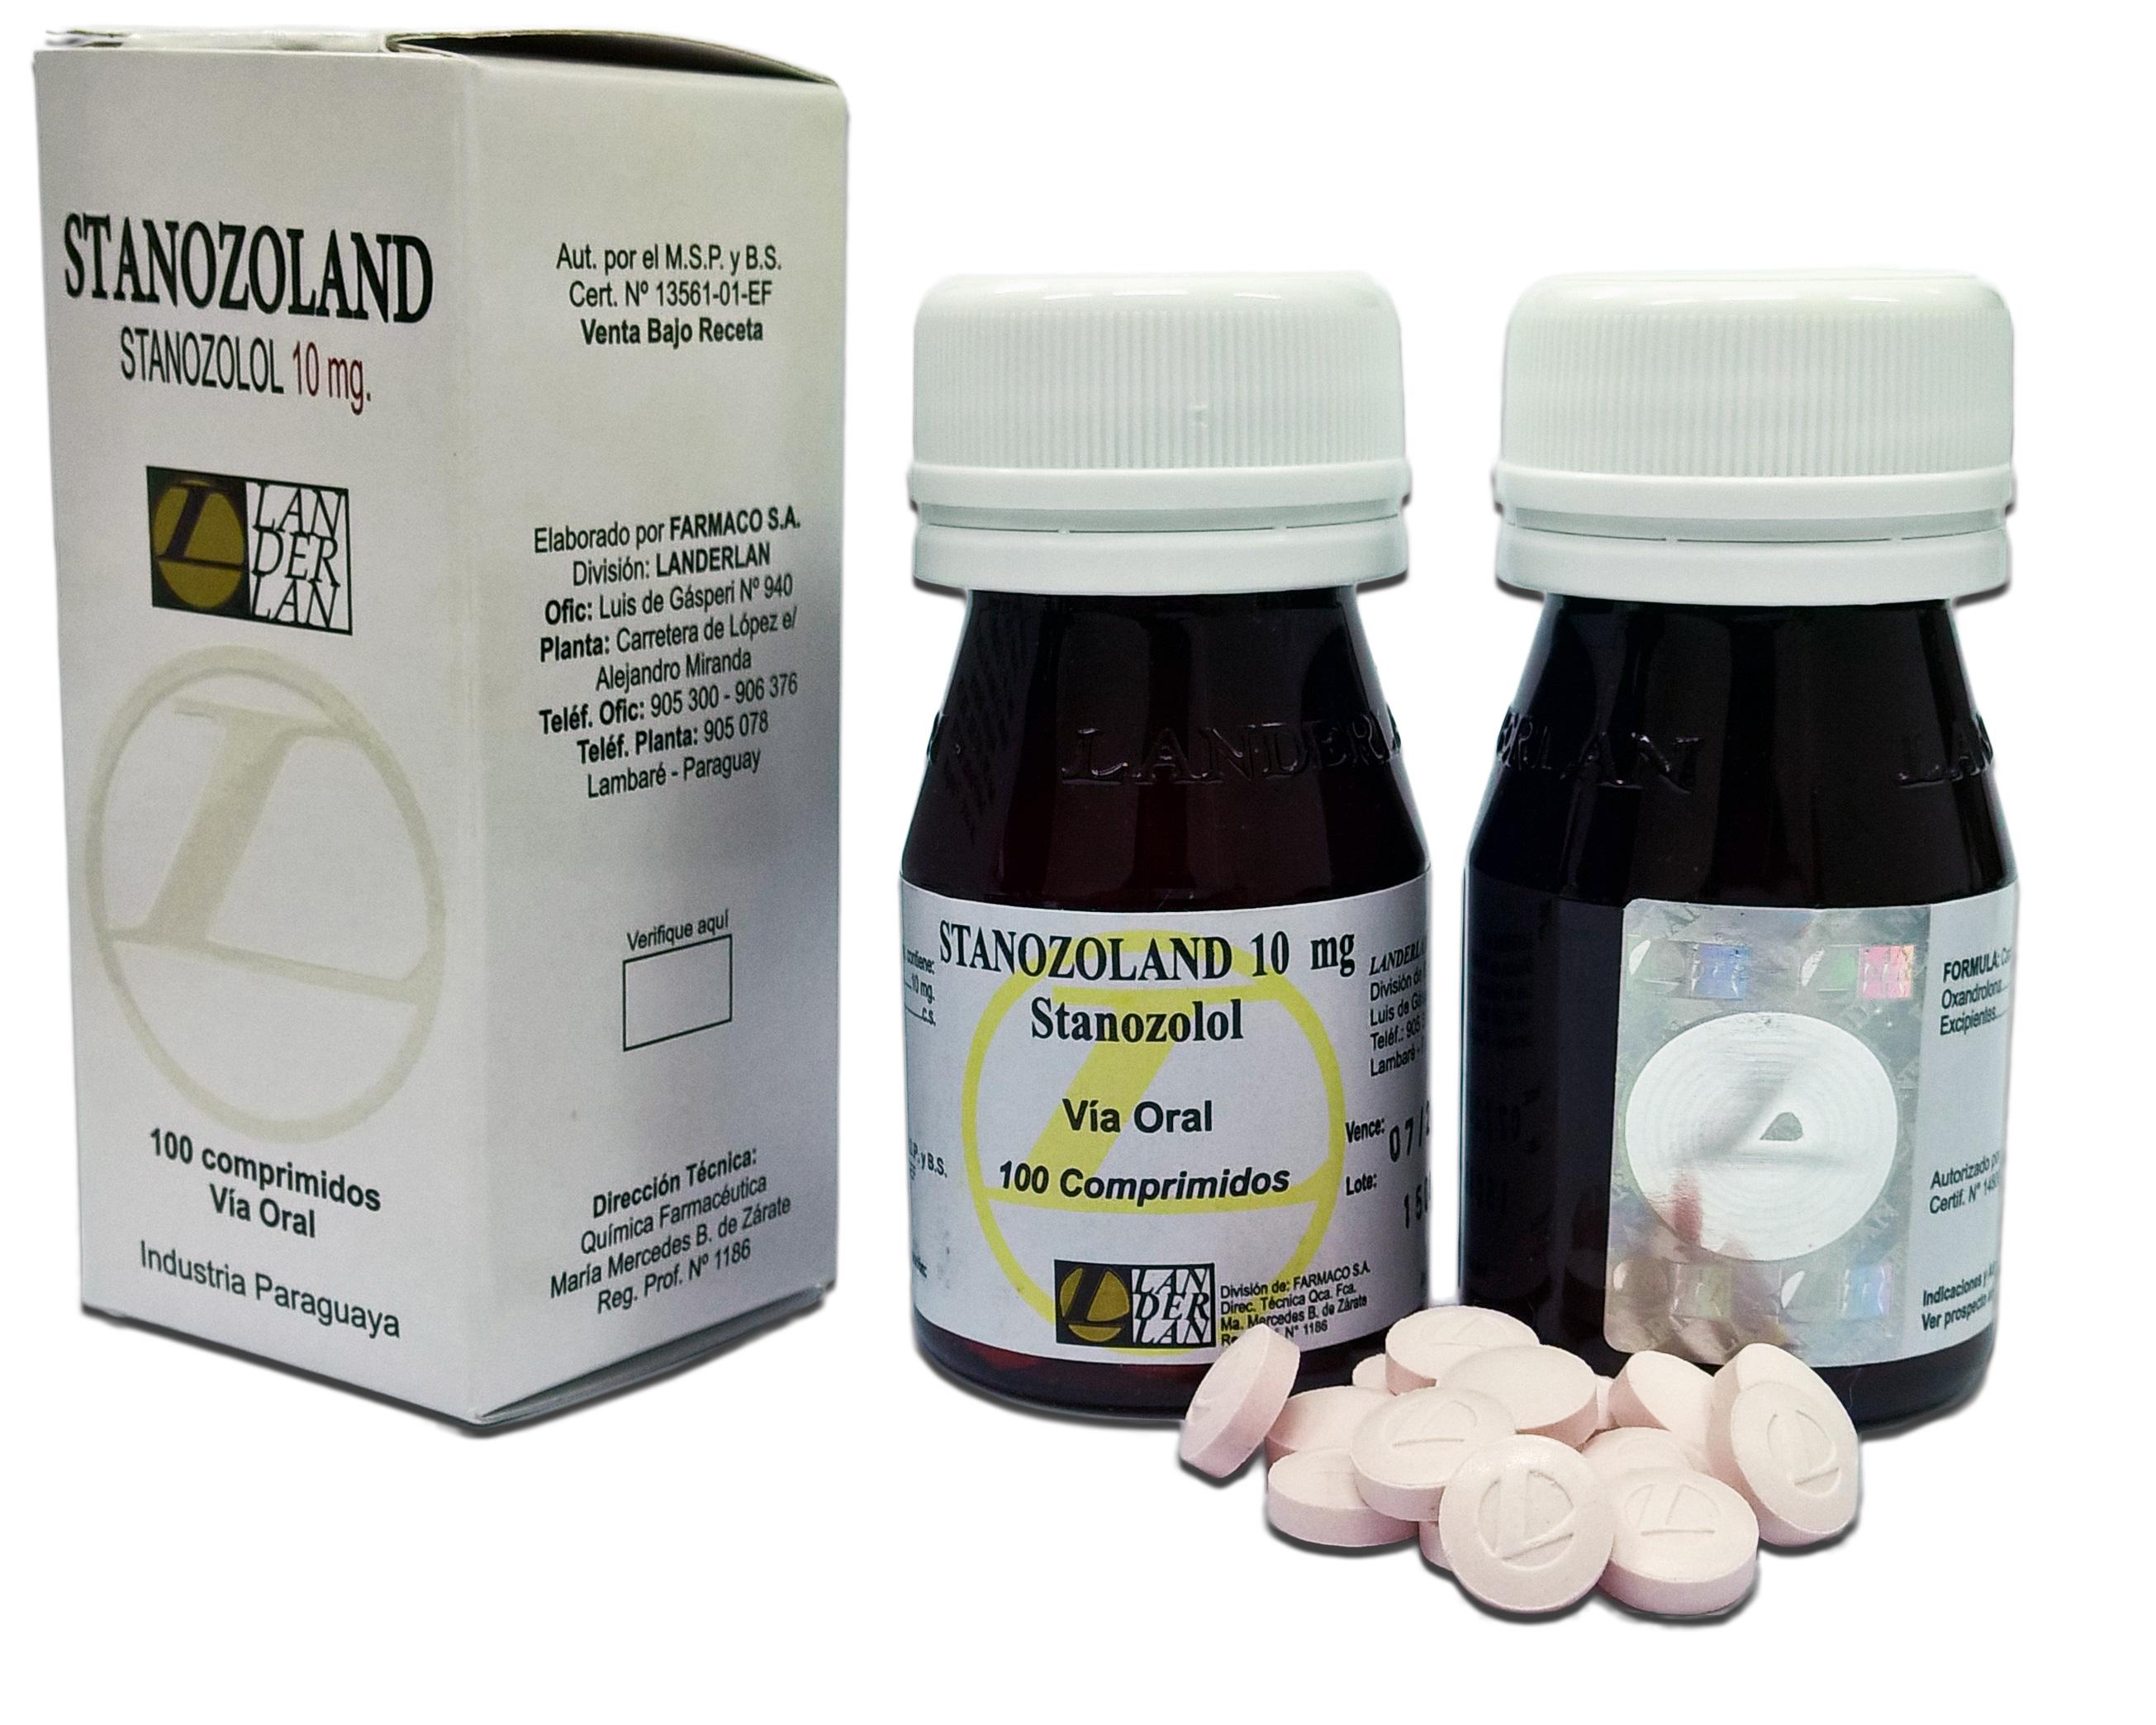 estanozolol landerlan oral chile